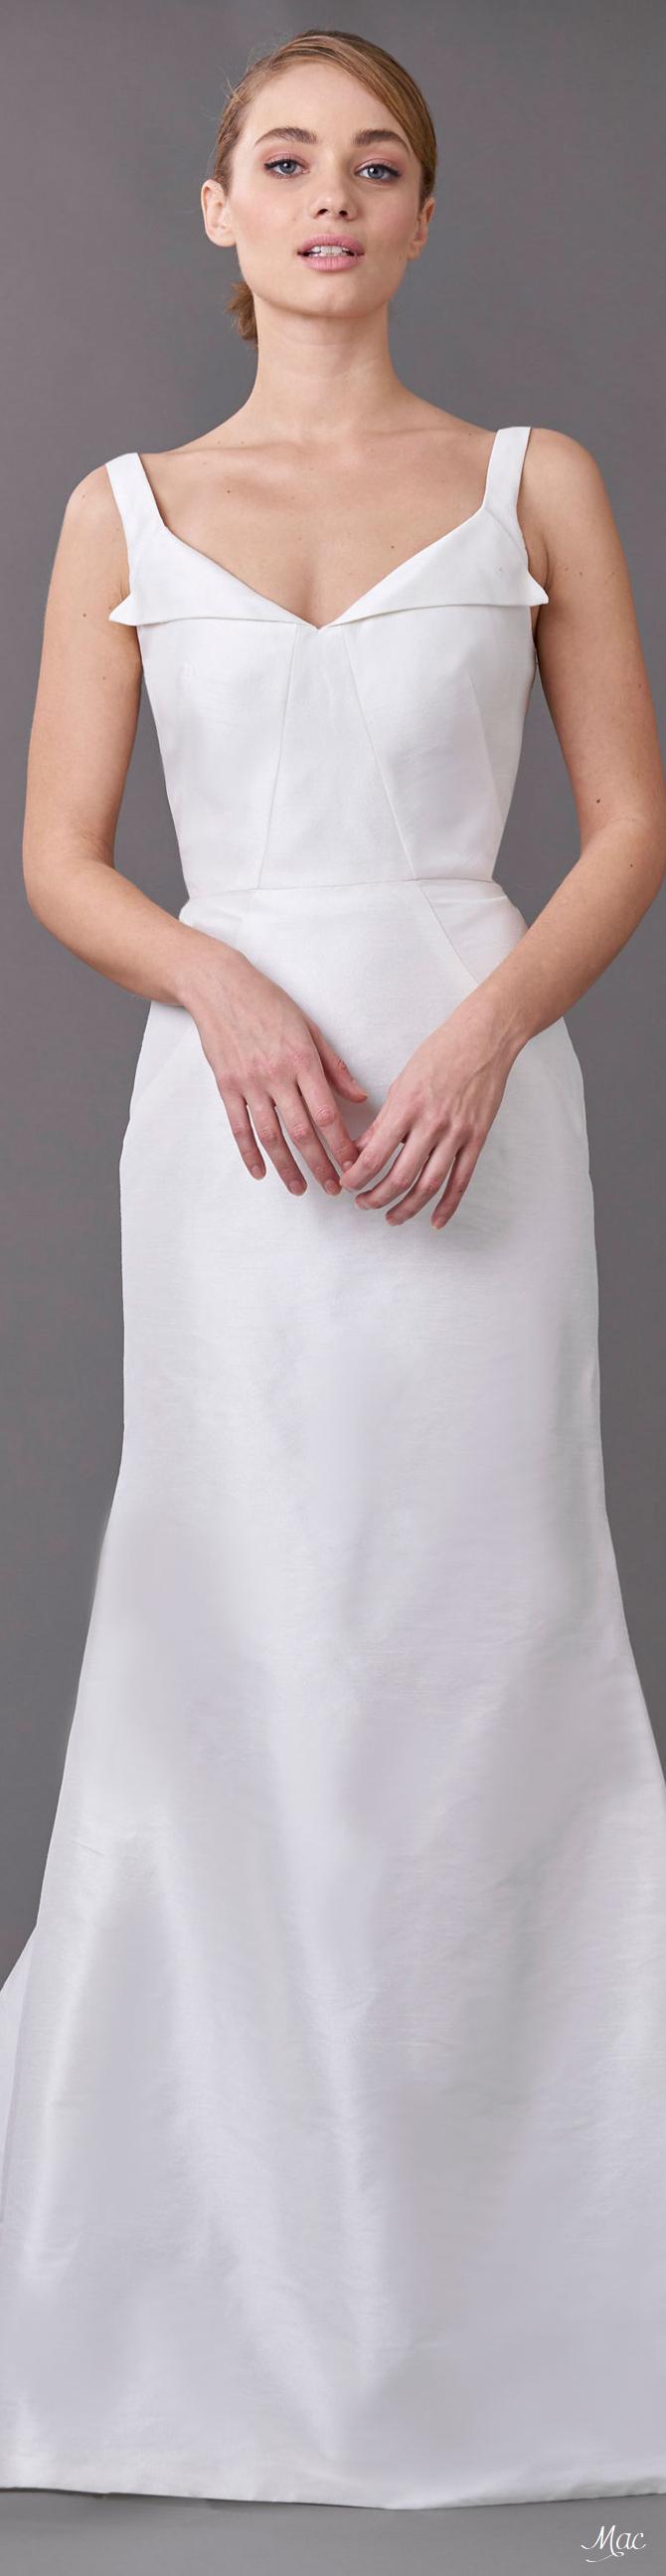 Lace dress in black august 2019 Spring  Bridal Jennifer Black  Spring  Bridal  Pinterest